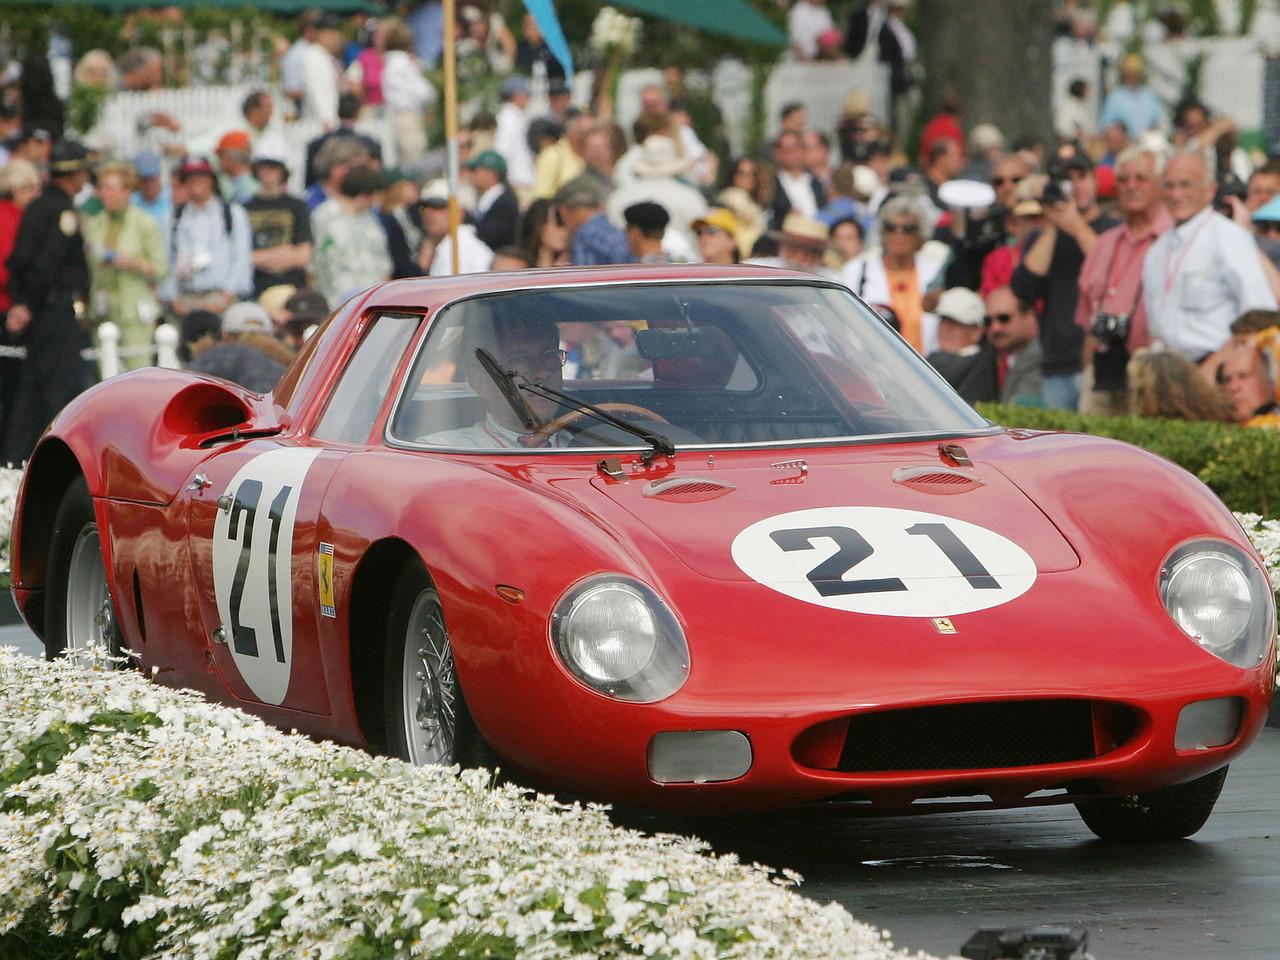 1967 Ferrari 330 P4 Drogo Spyder.  Luigi Chinetti Trophy.